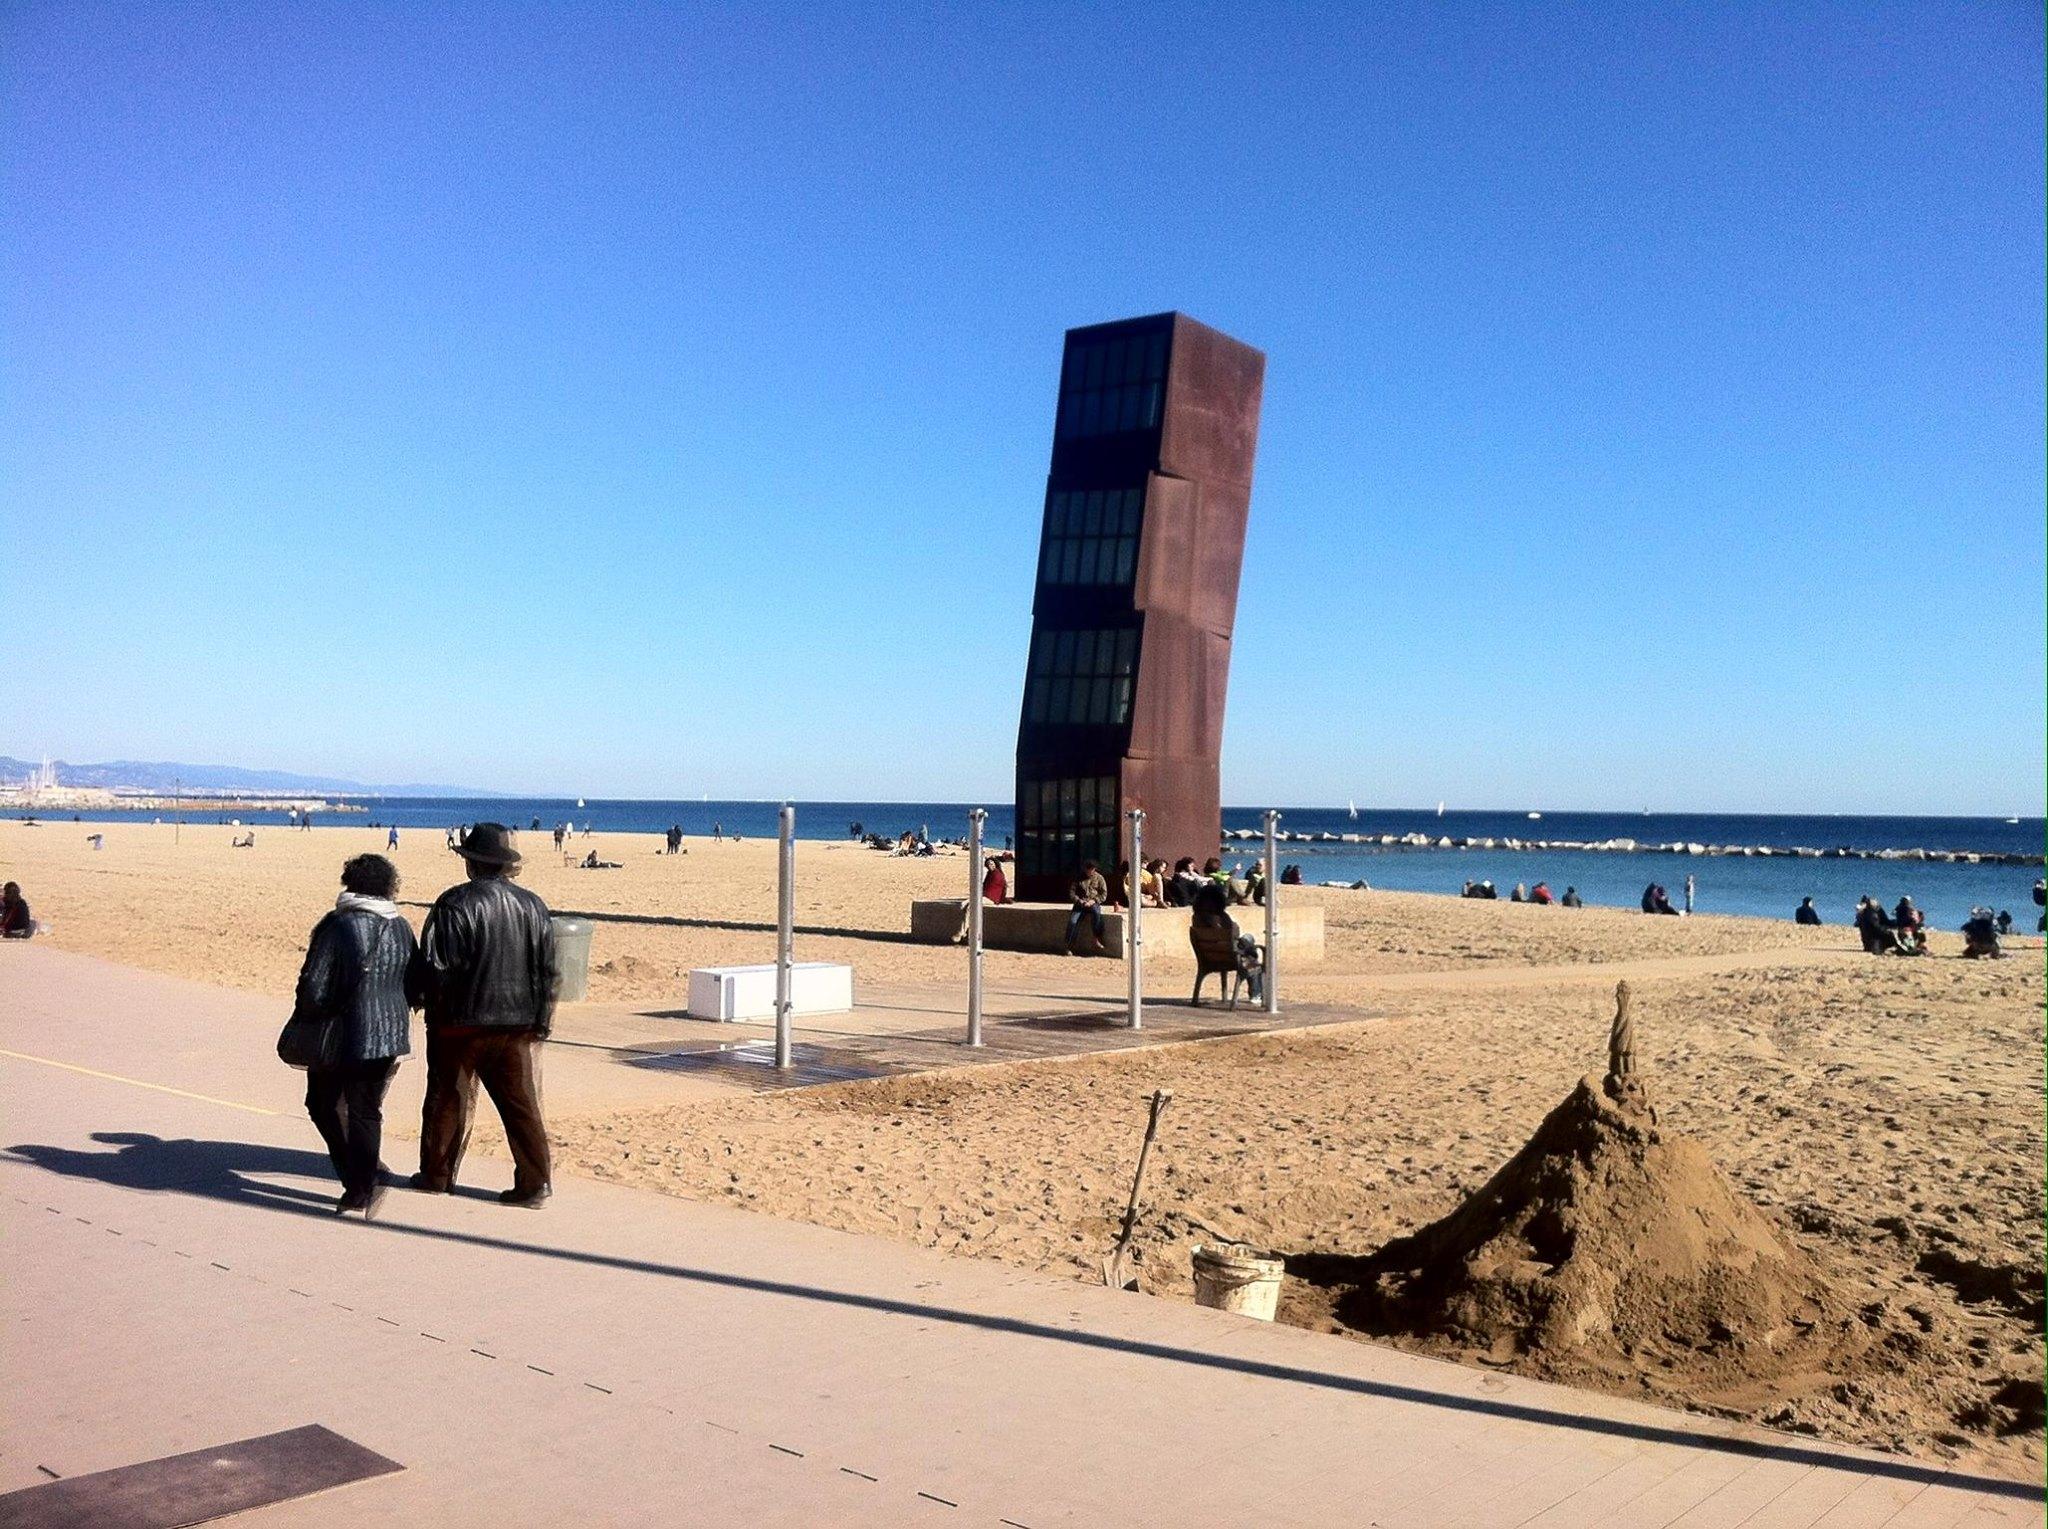 Skulptur (rostiger Turm) in Barcelonetta, Barcelona